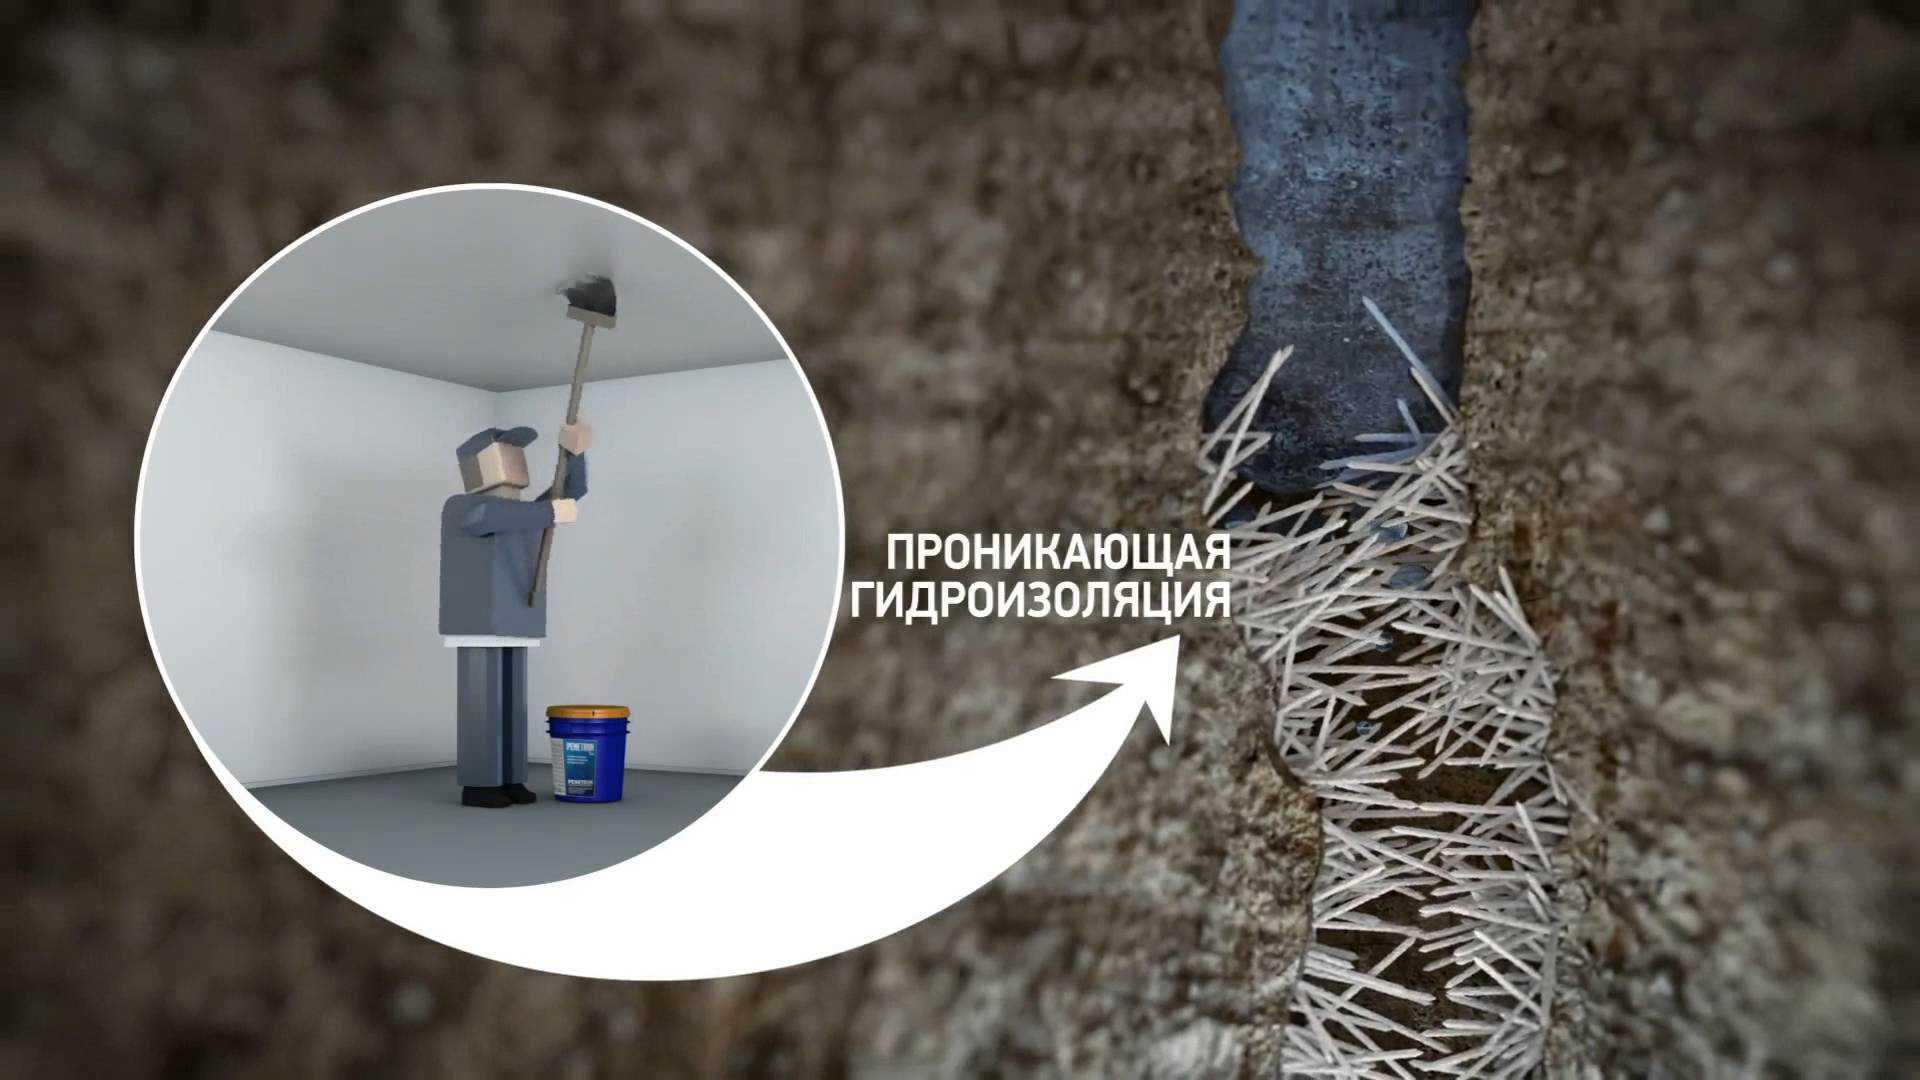 вариант гидроизоляции пола комнаты пропиткой перед стяжкой